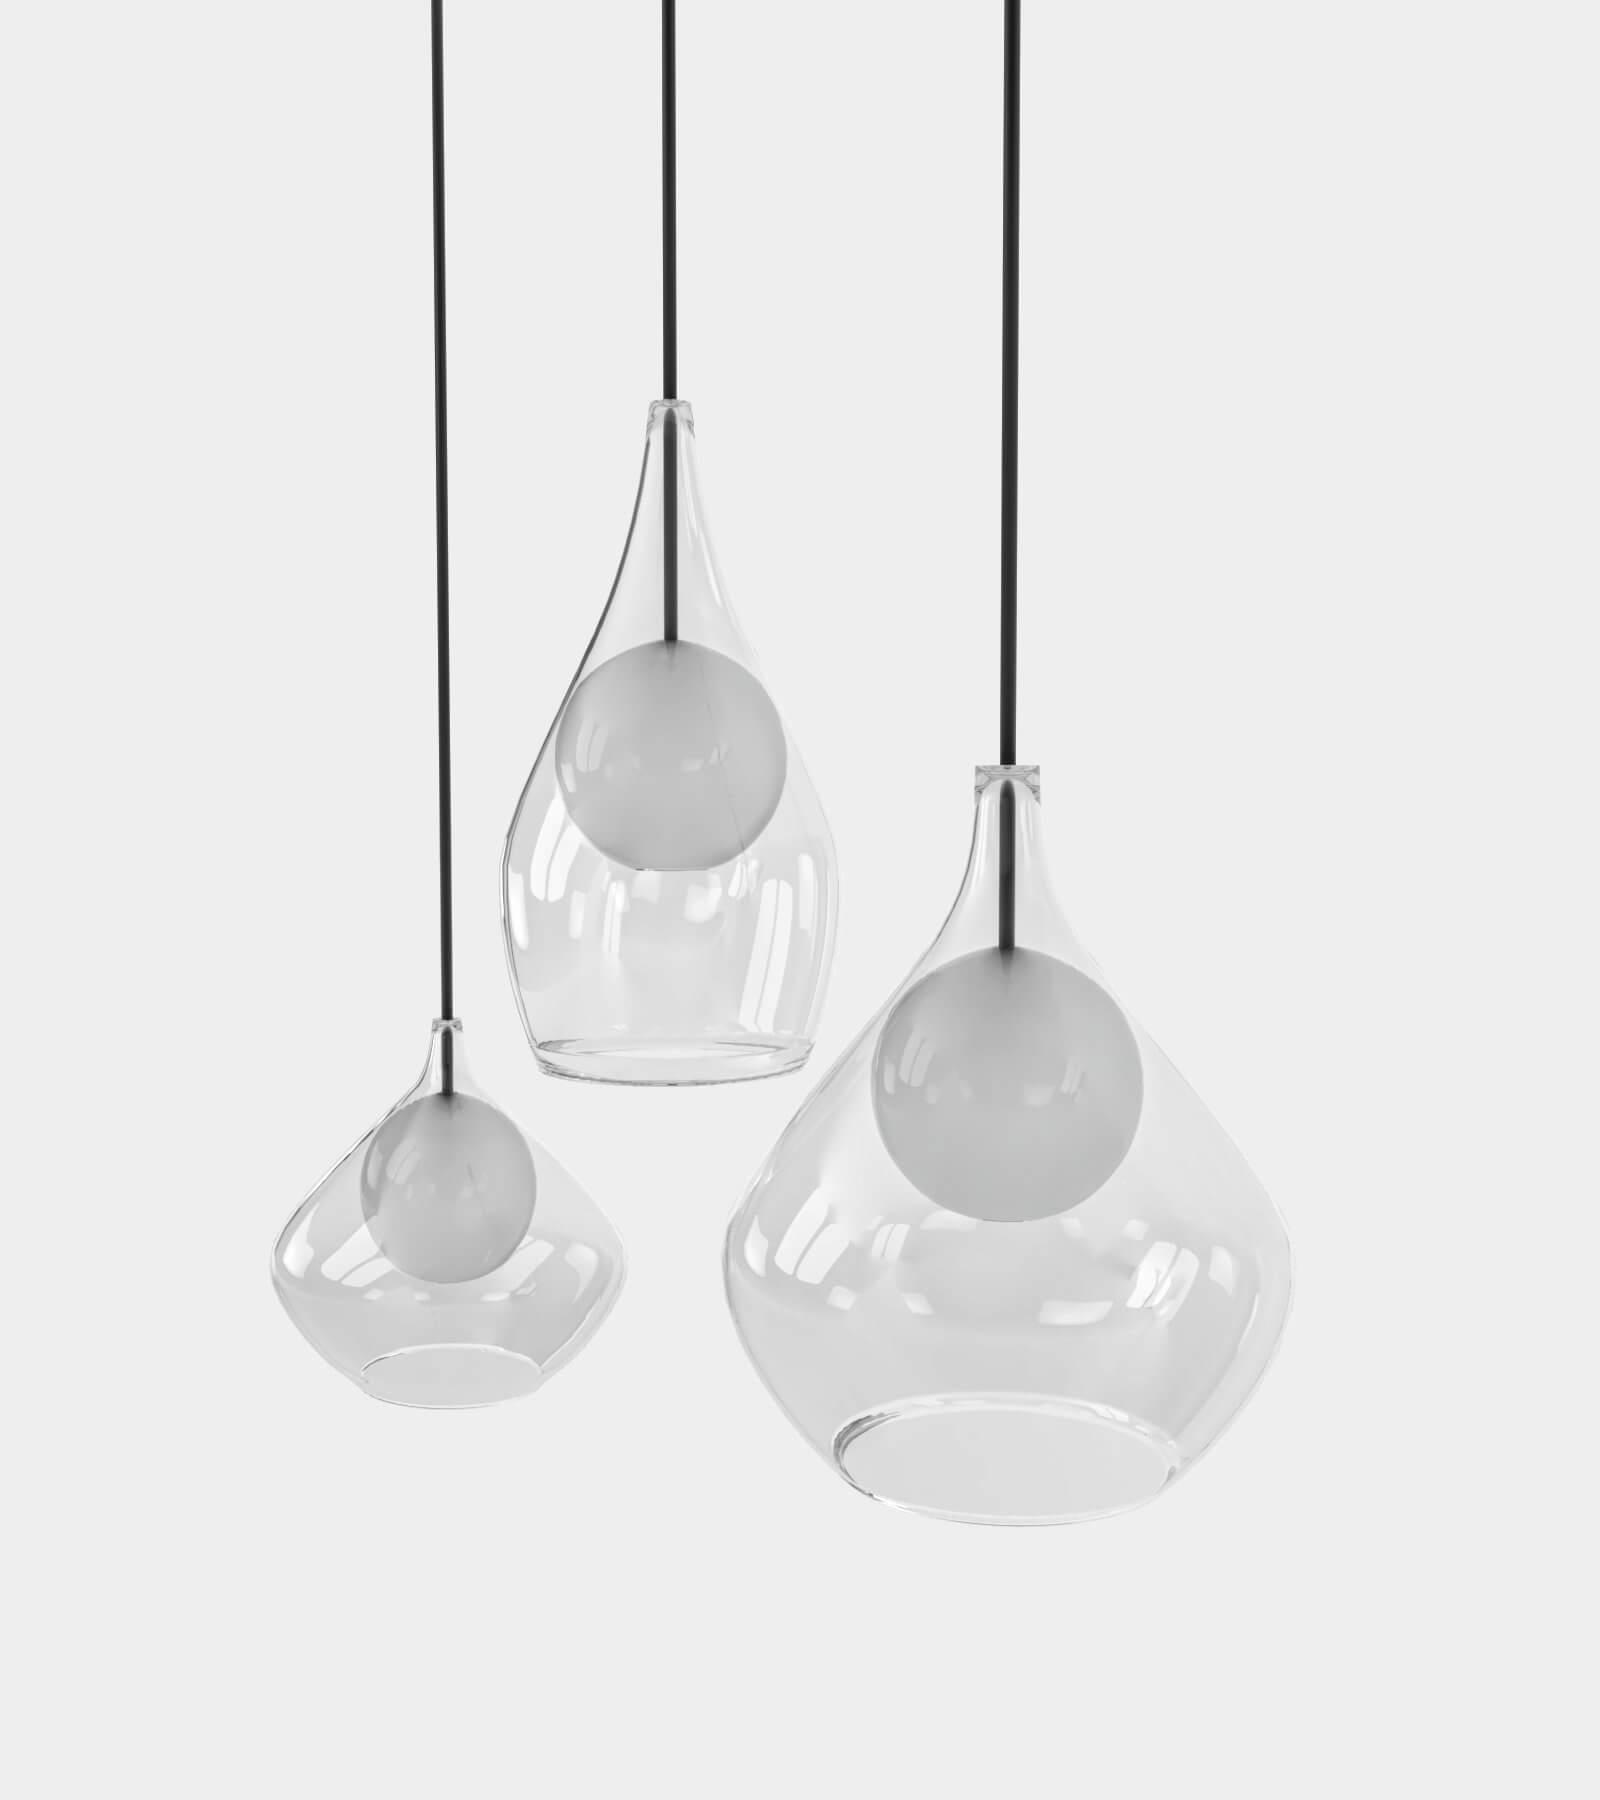 Round glass pendant light 2- 3D Model